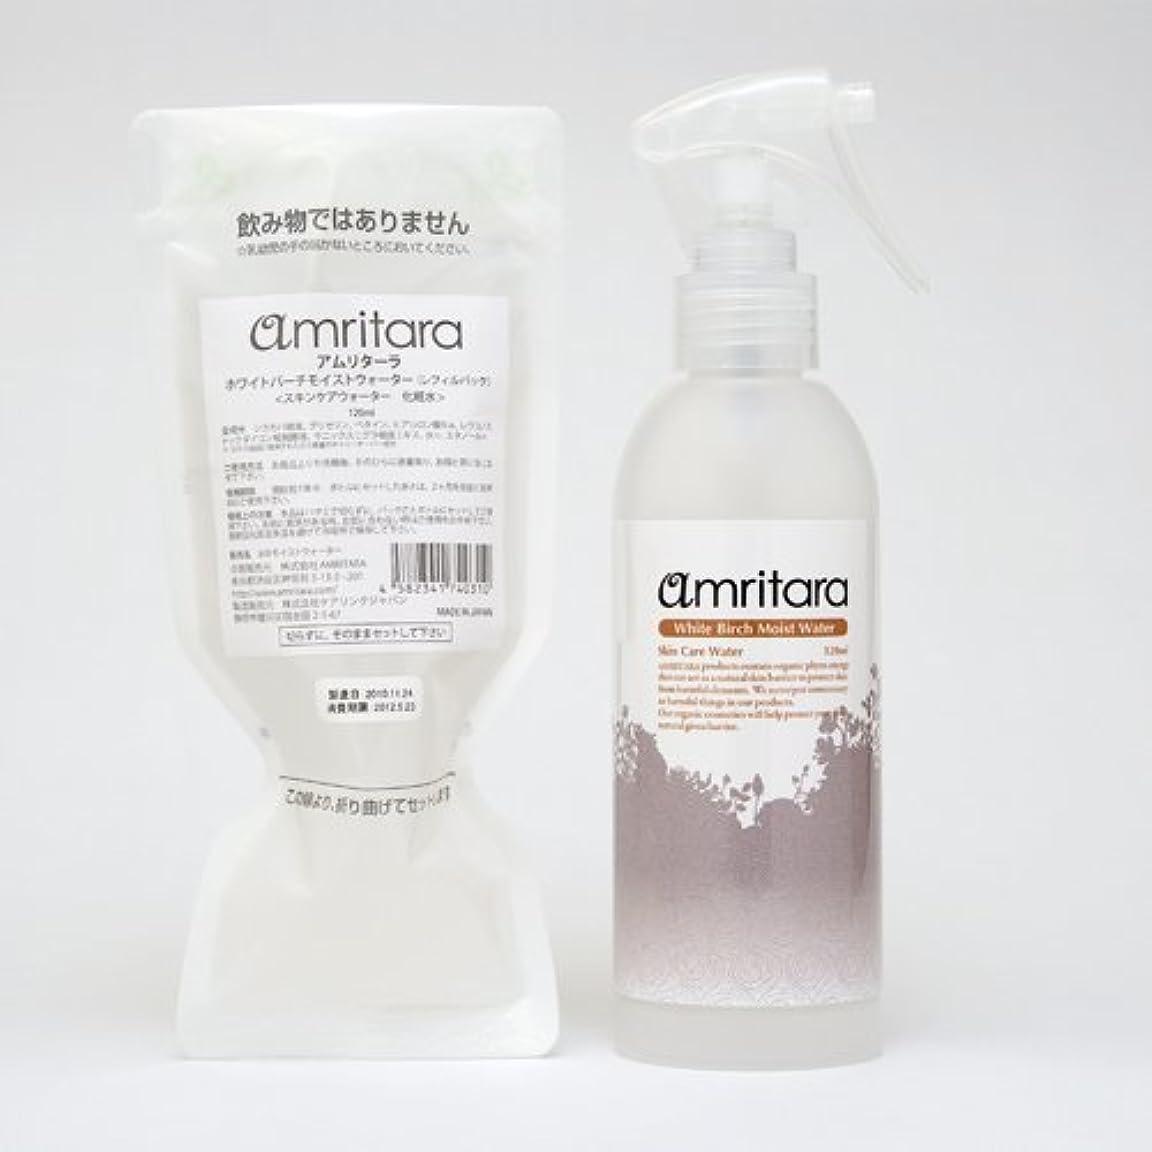 ネクタイ未亡人意味amritara(アムリターラ) ホワイトバーチモイストウォーター セット 120mL (レフィルと空ボトルのセット)